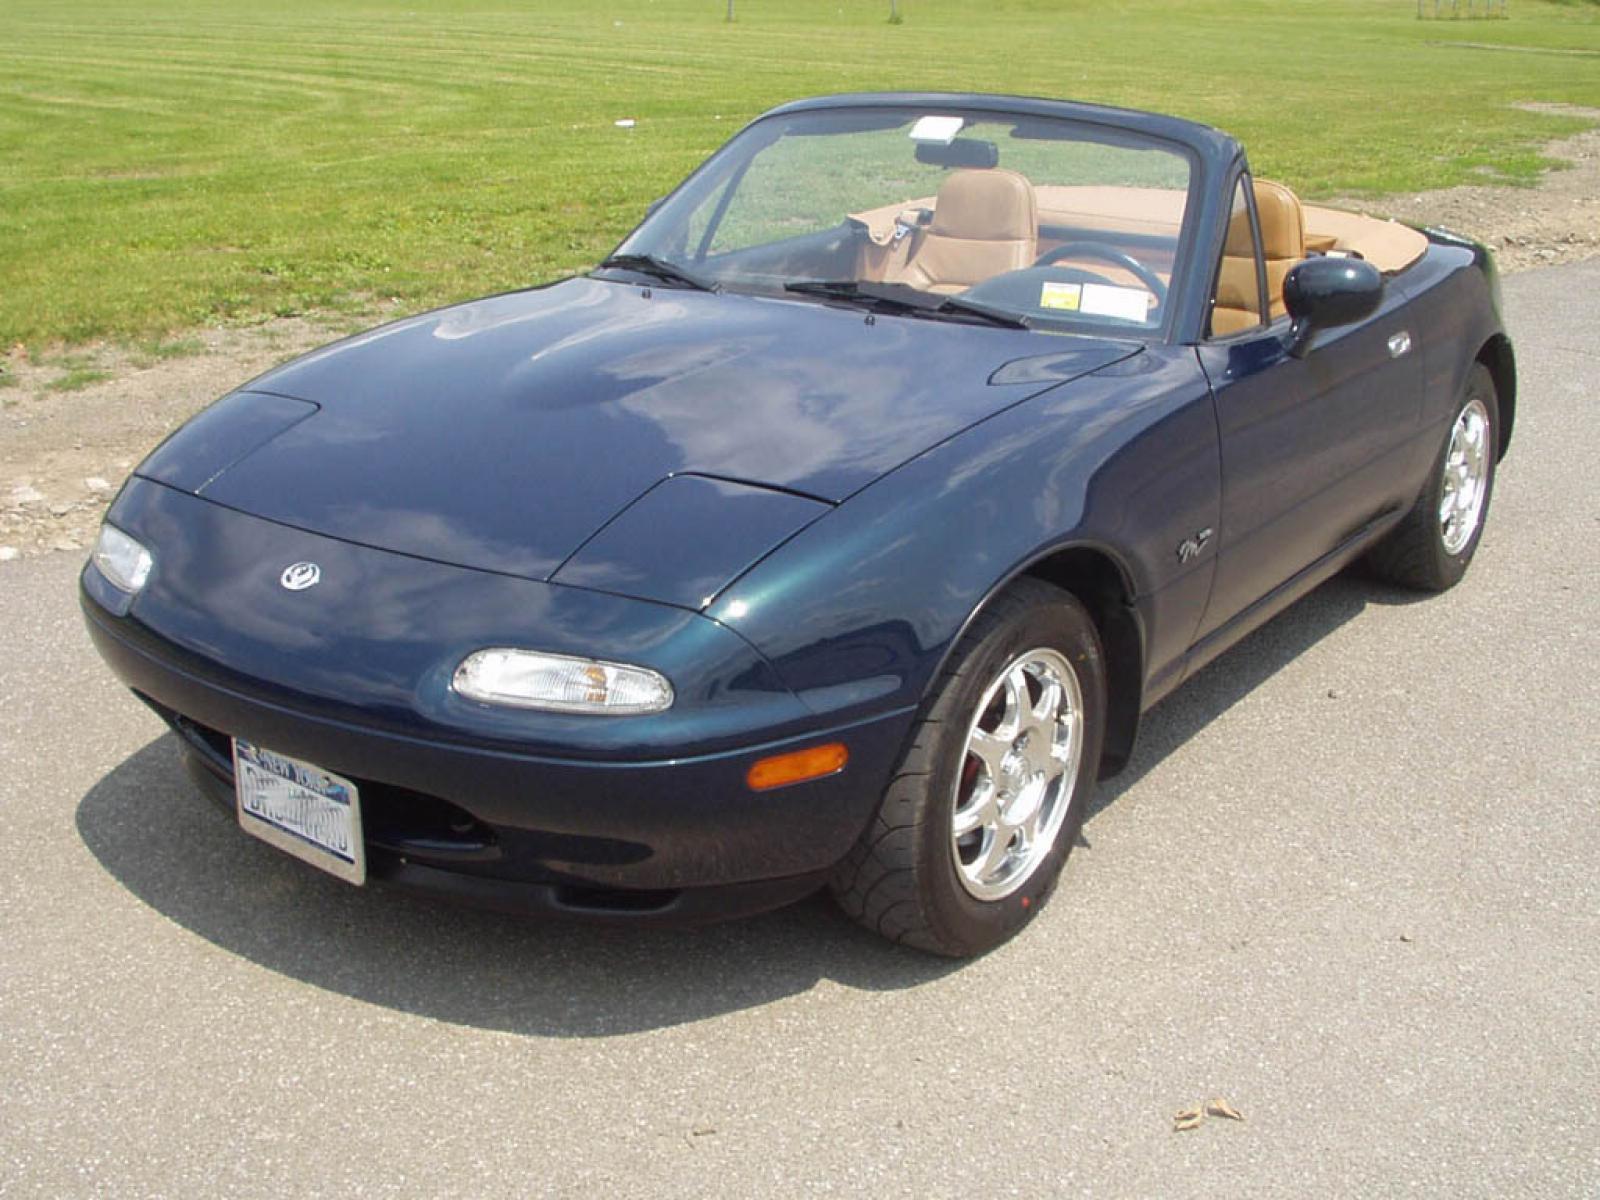 Mazda Mx 5 Miata 6 800 1024 1280 1600 Origin 1997